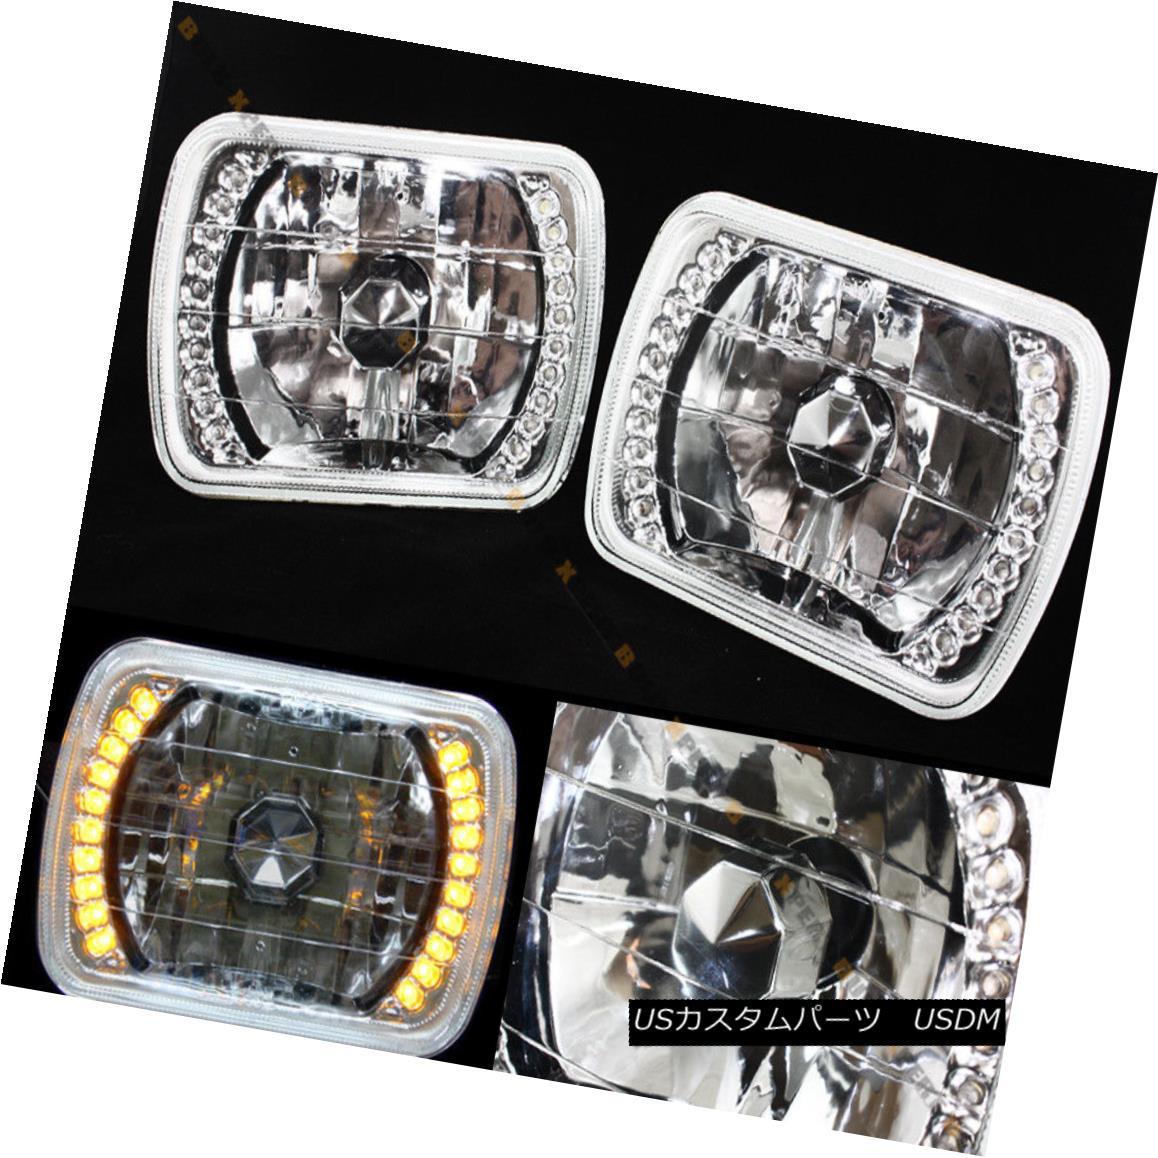 エアロパーツ PAIR 7 X 6 GLASS LENS CHROME DIAMOND SEALED BEAM H6052/6054 AMBER LED HEADLIGHT ペア7 X 6グラスレンズ・クローム・ダイヤモンド・シール・ビームH6052 / 6054アンバーLEDヘッドライト